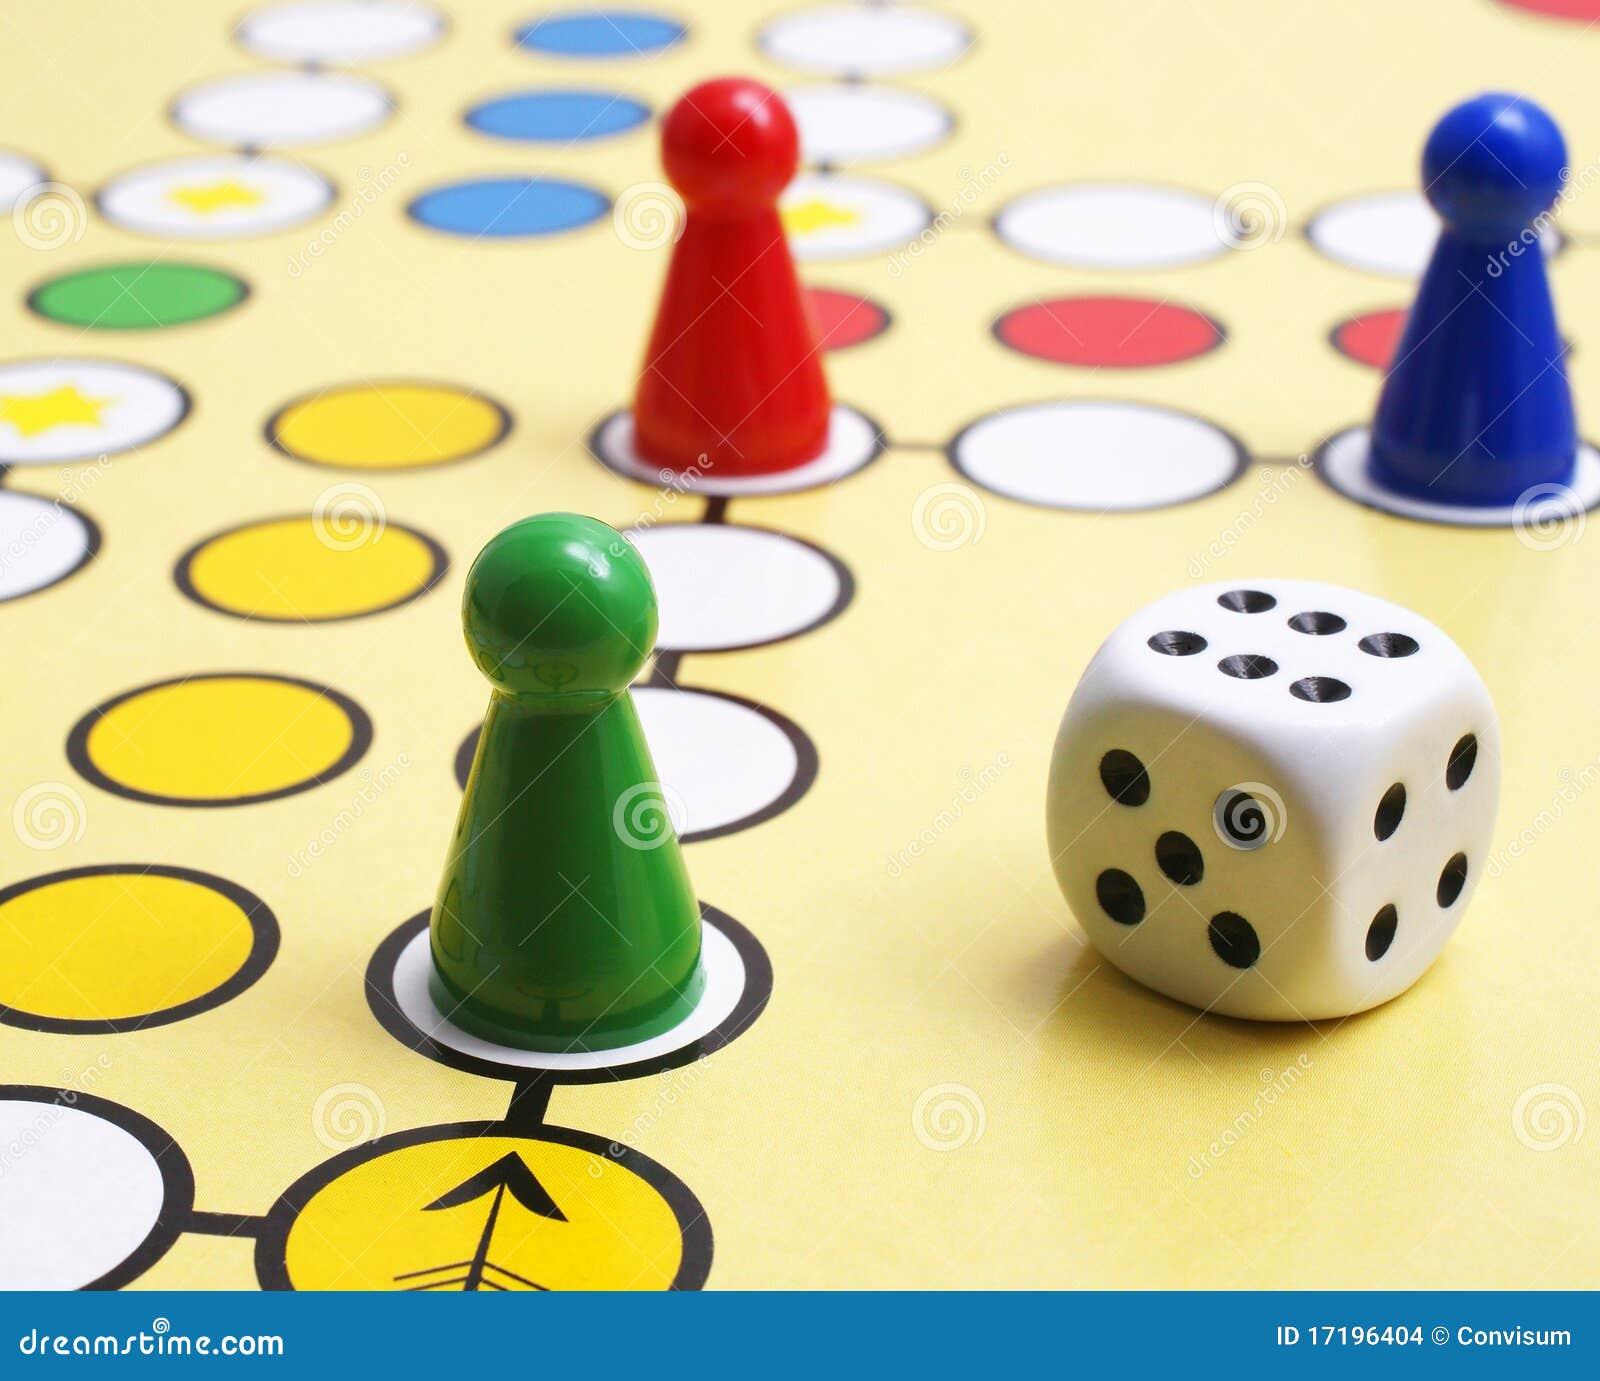 Jogo de mesa e dados